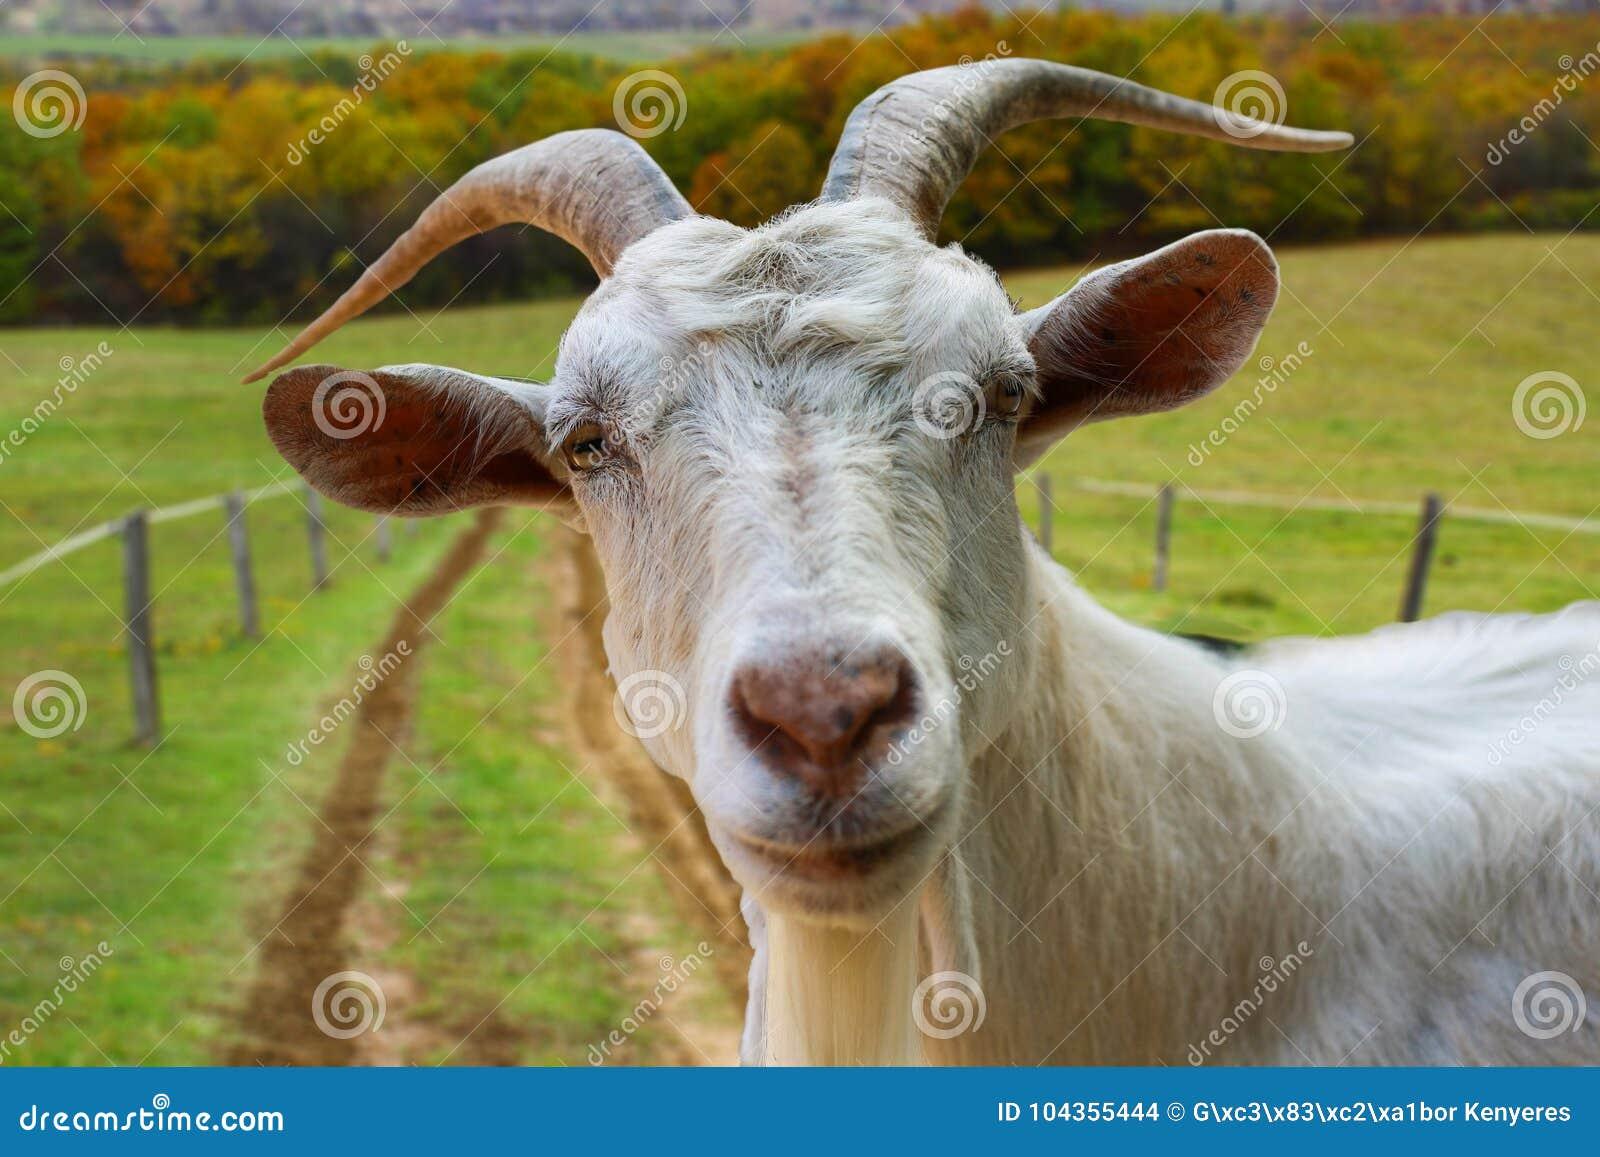 Retrato de la cabra de la granja